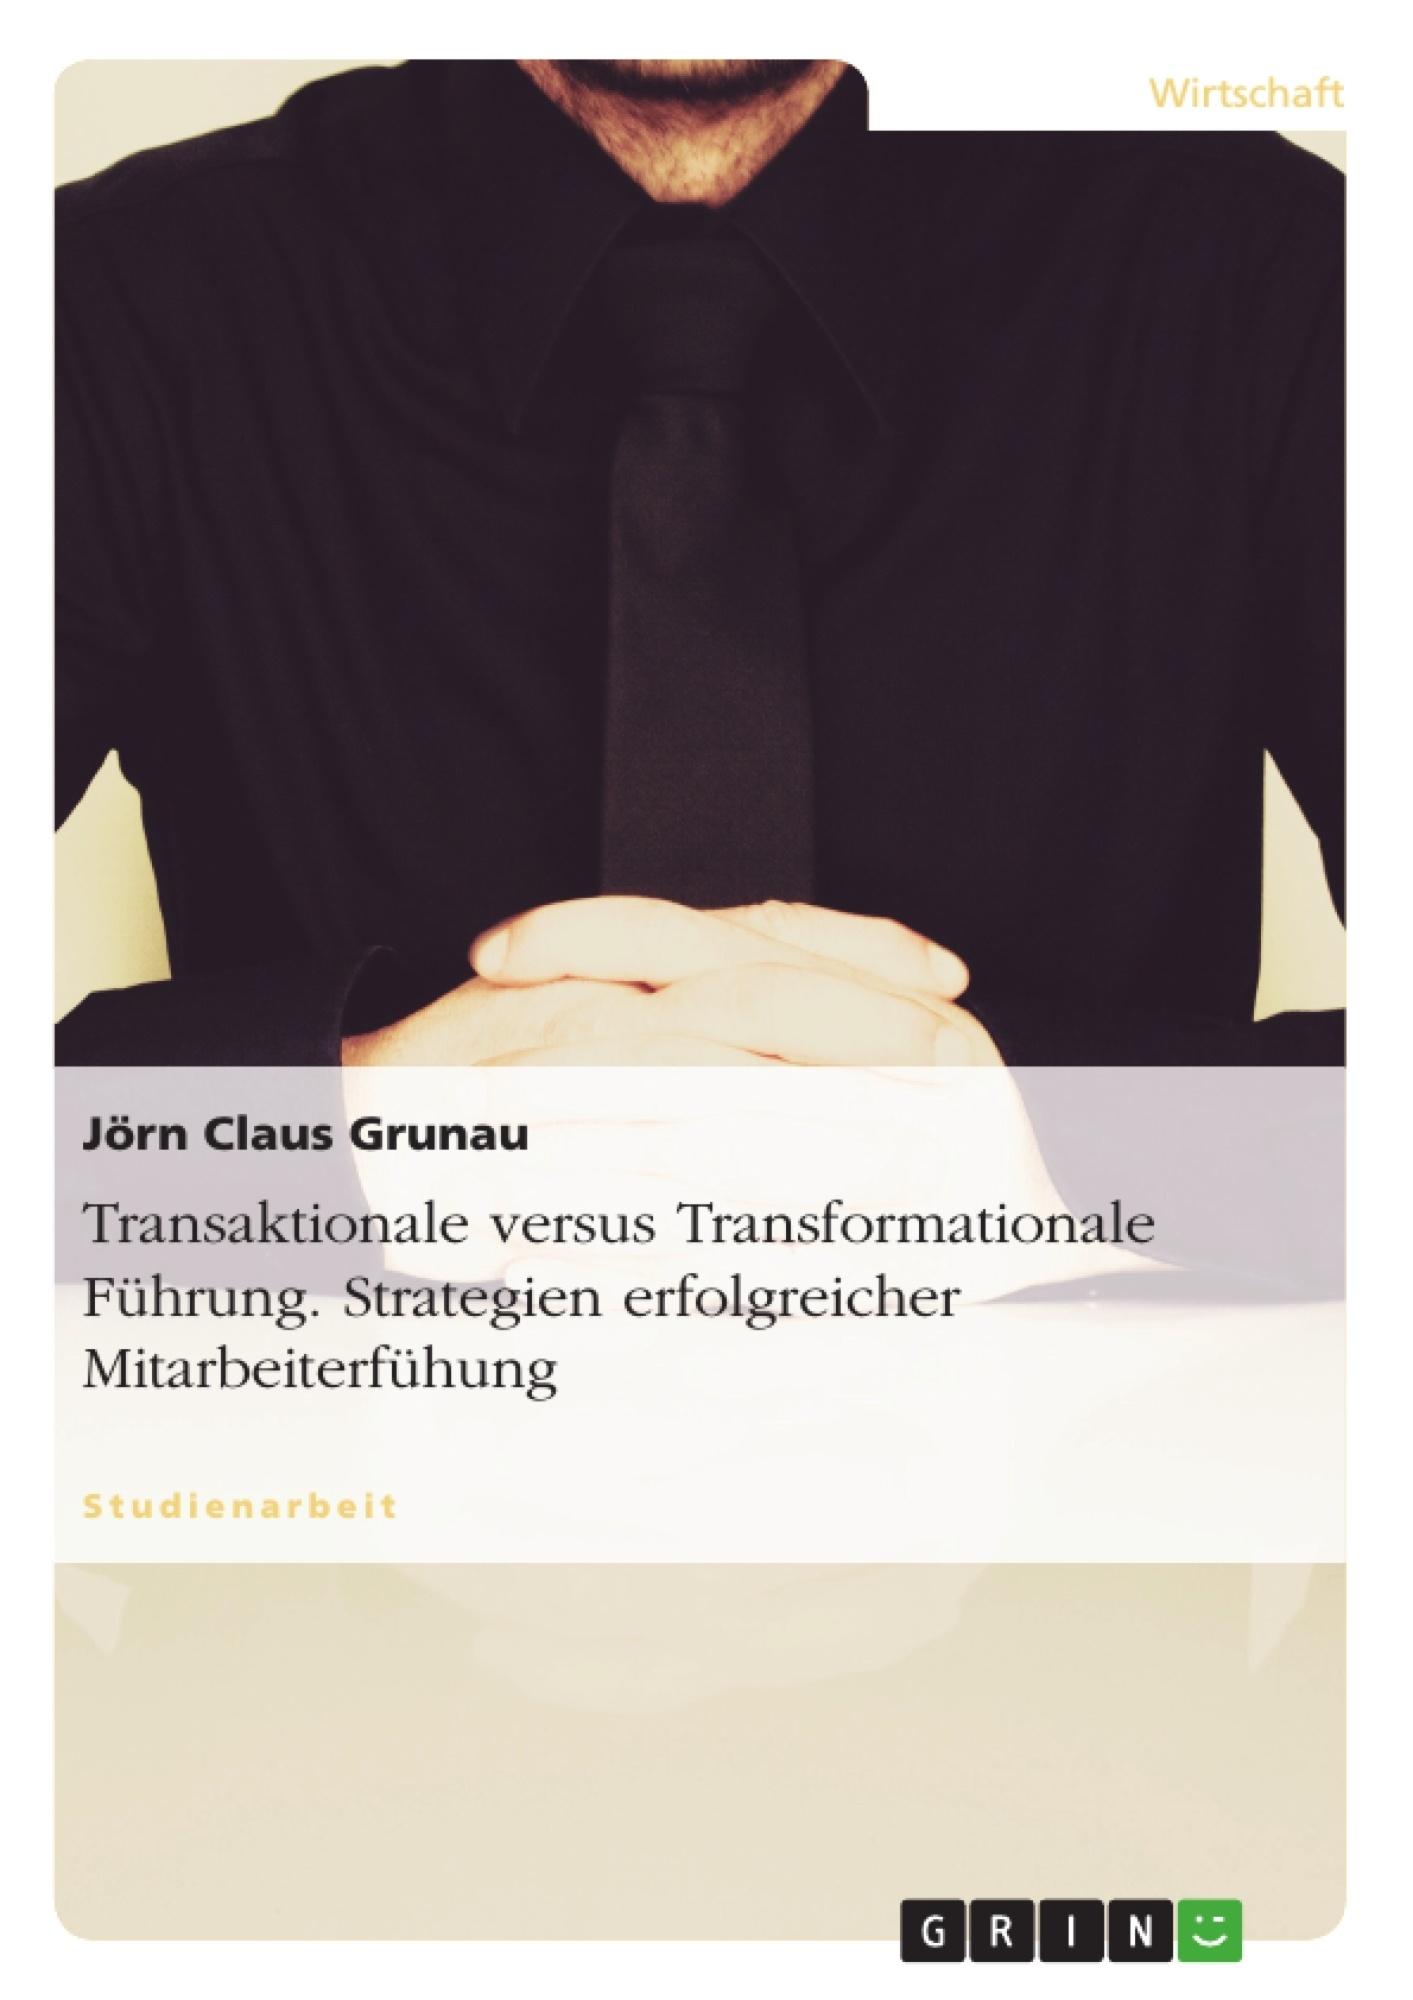 Titel: Transaktionale versus Transformationale Führung. Strategien erfolgreicher Mitarbeiterfühung